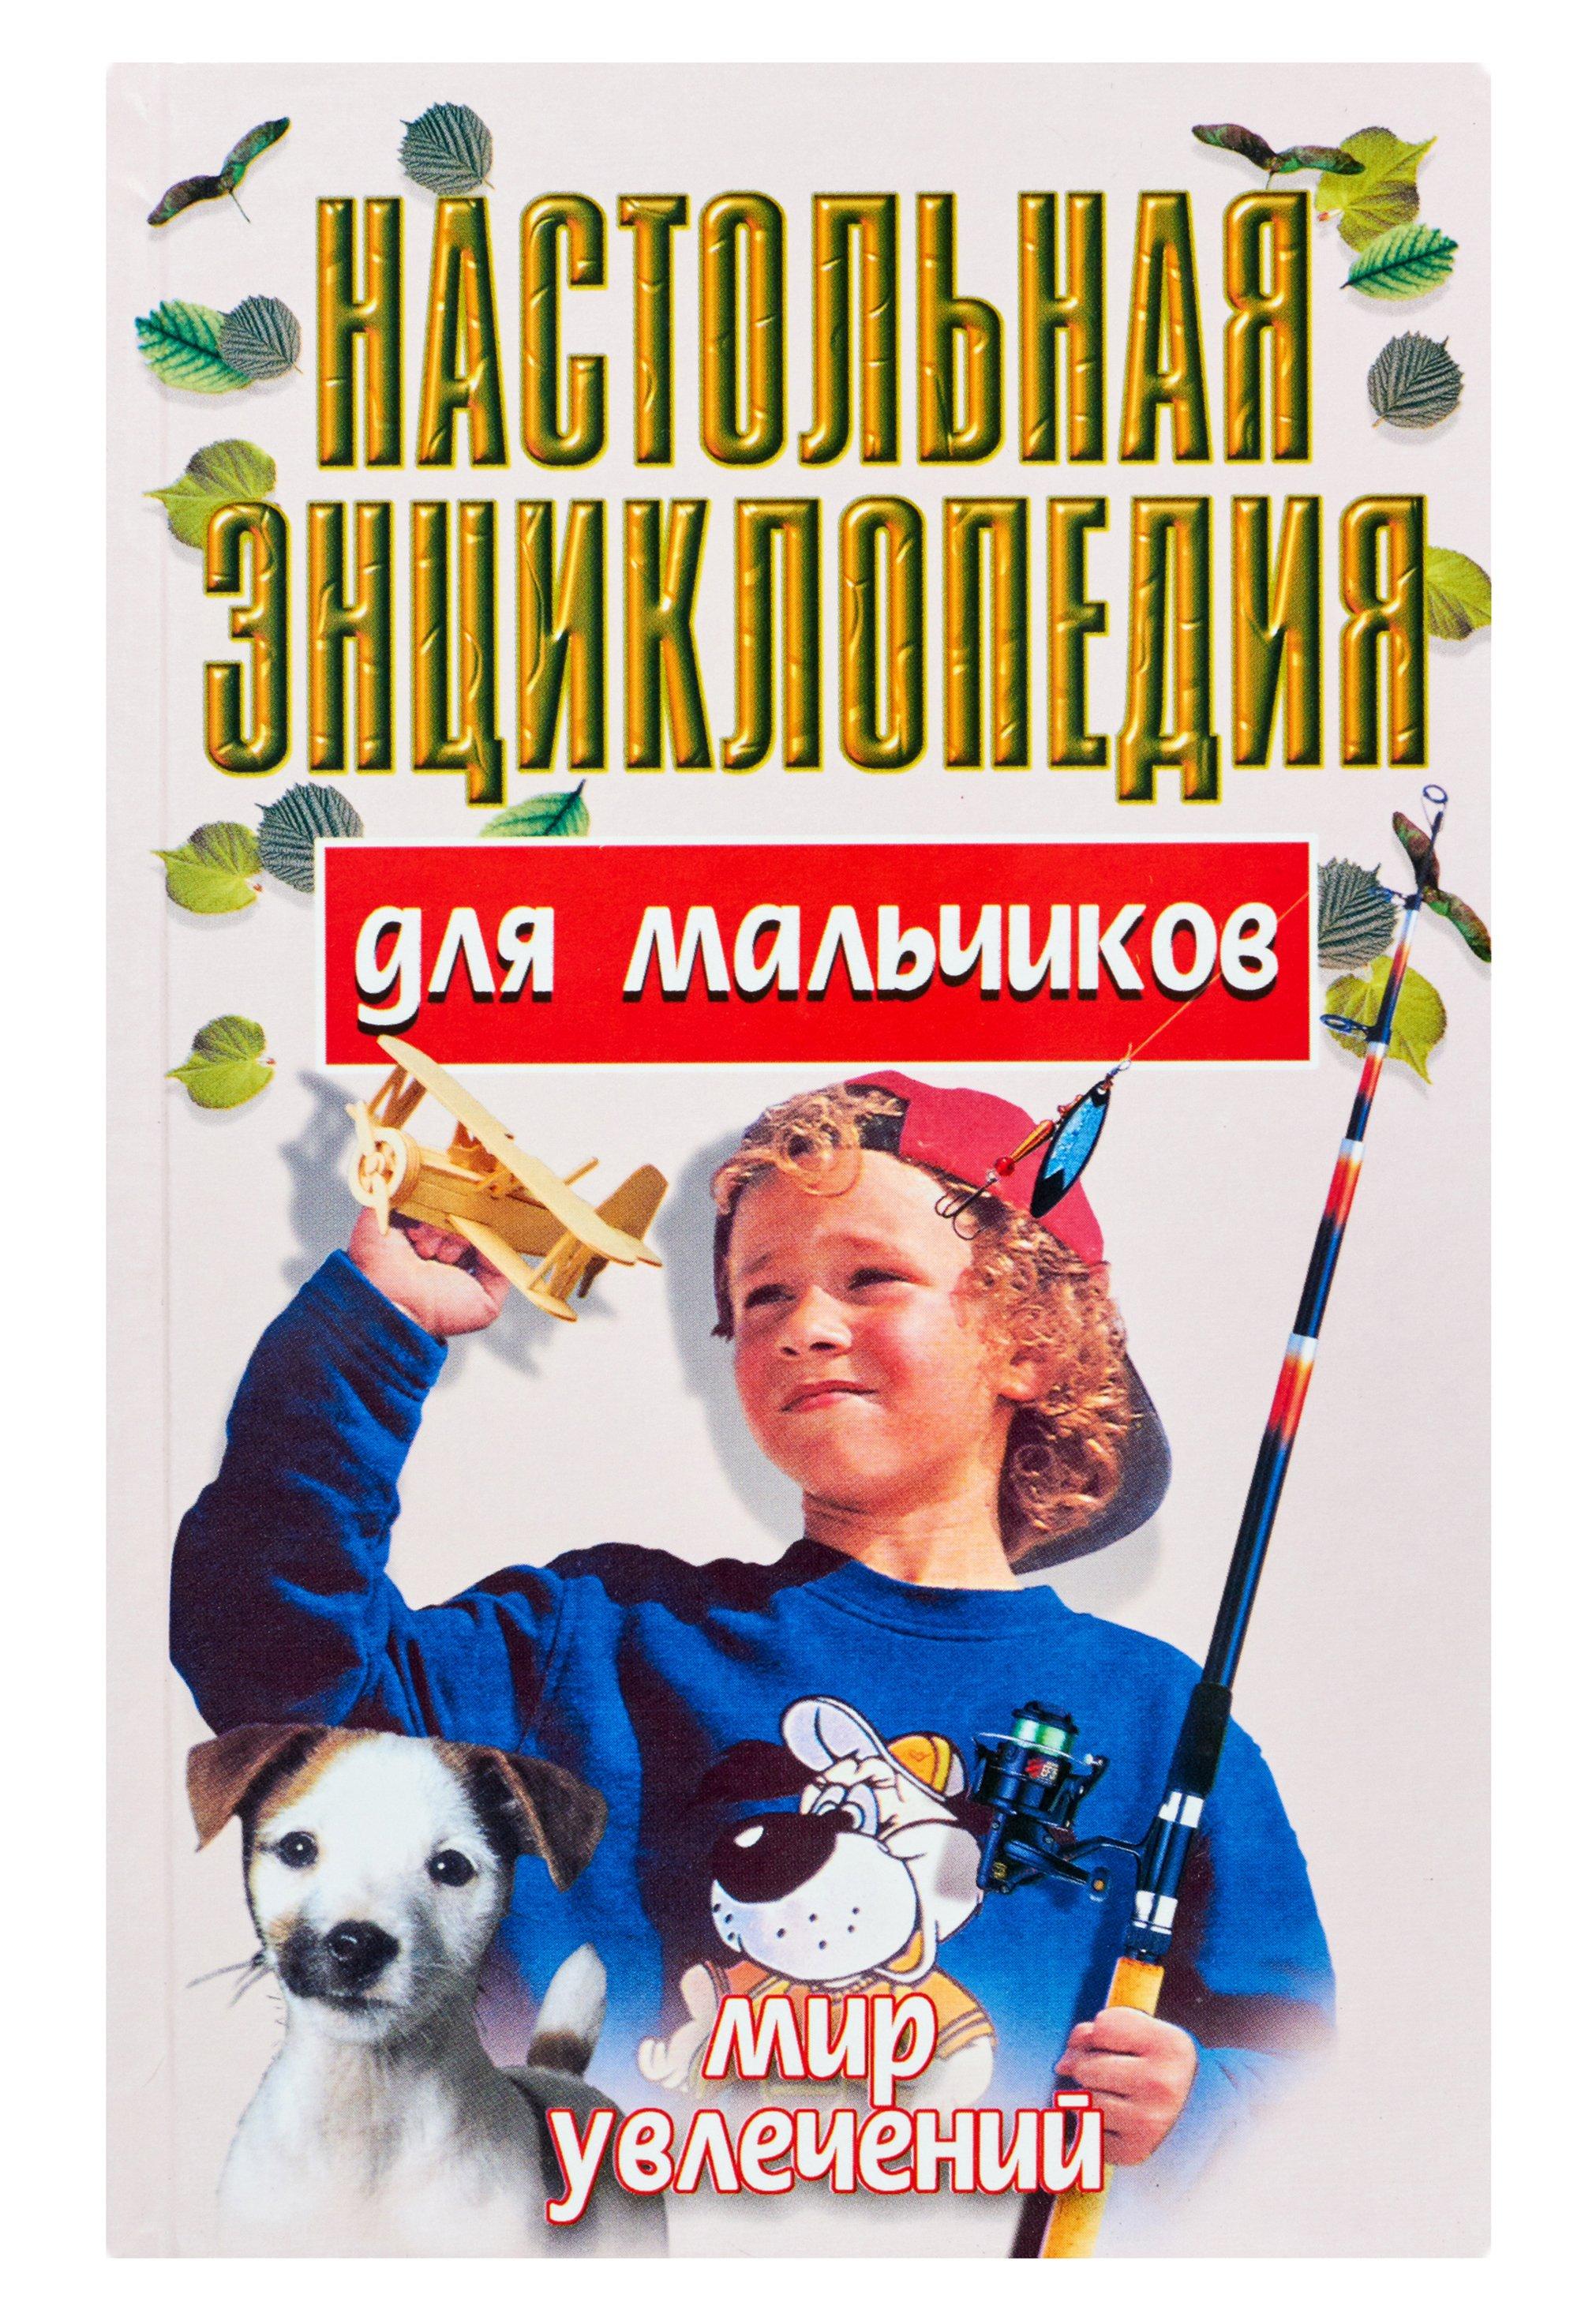 цена на Настольная энциклопедия для мальчиков. Мир увлечений